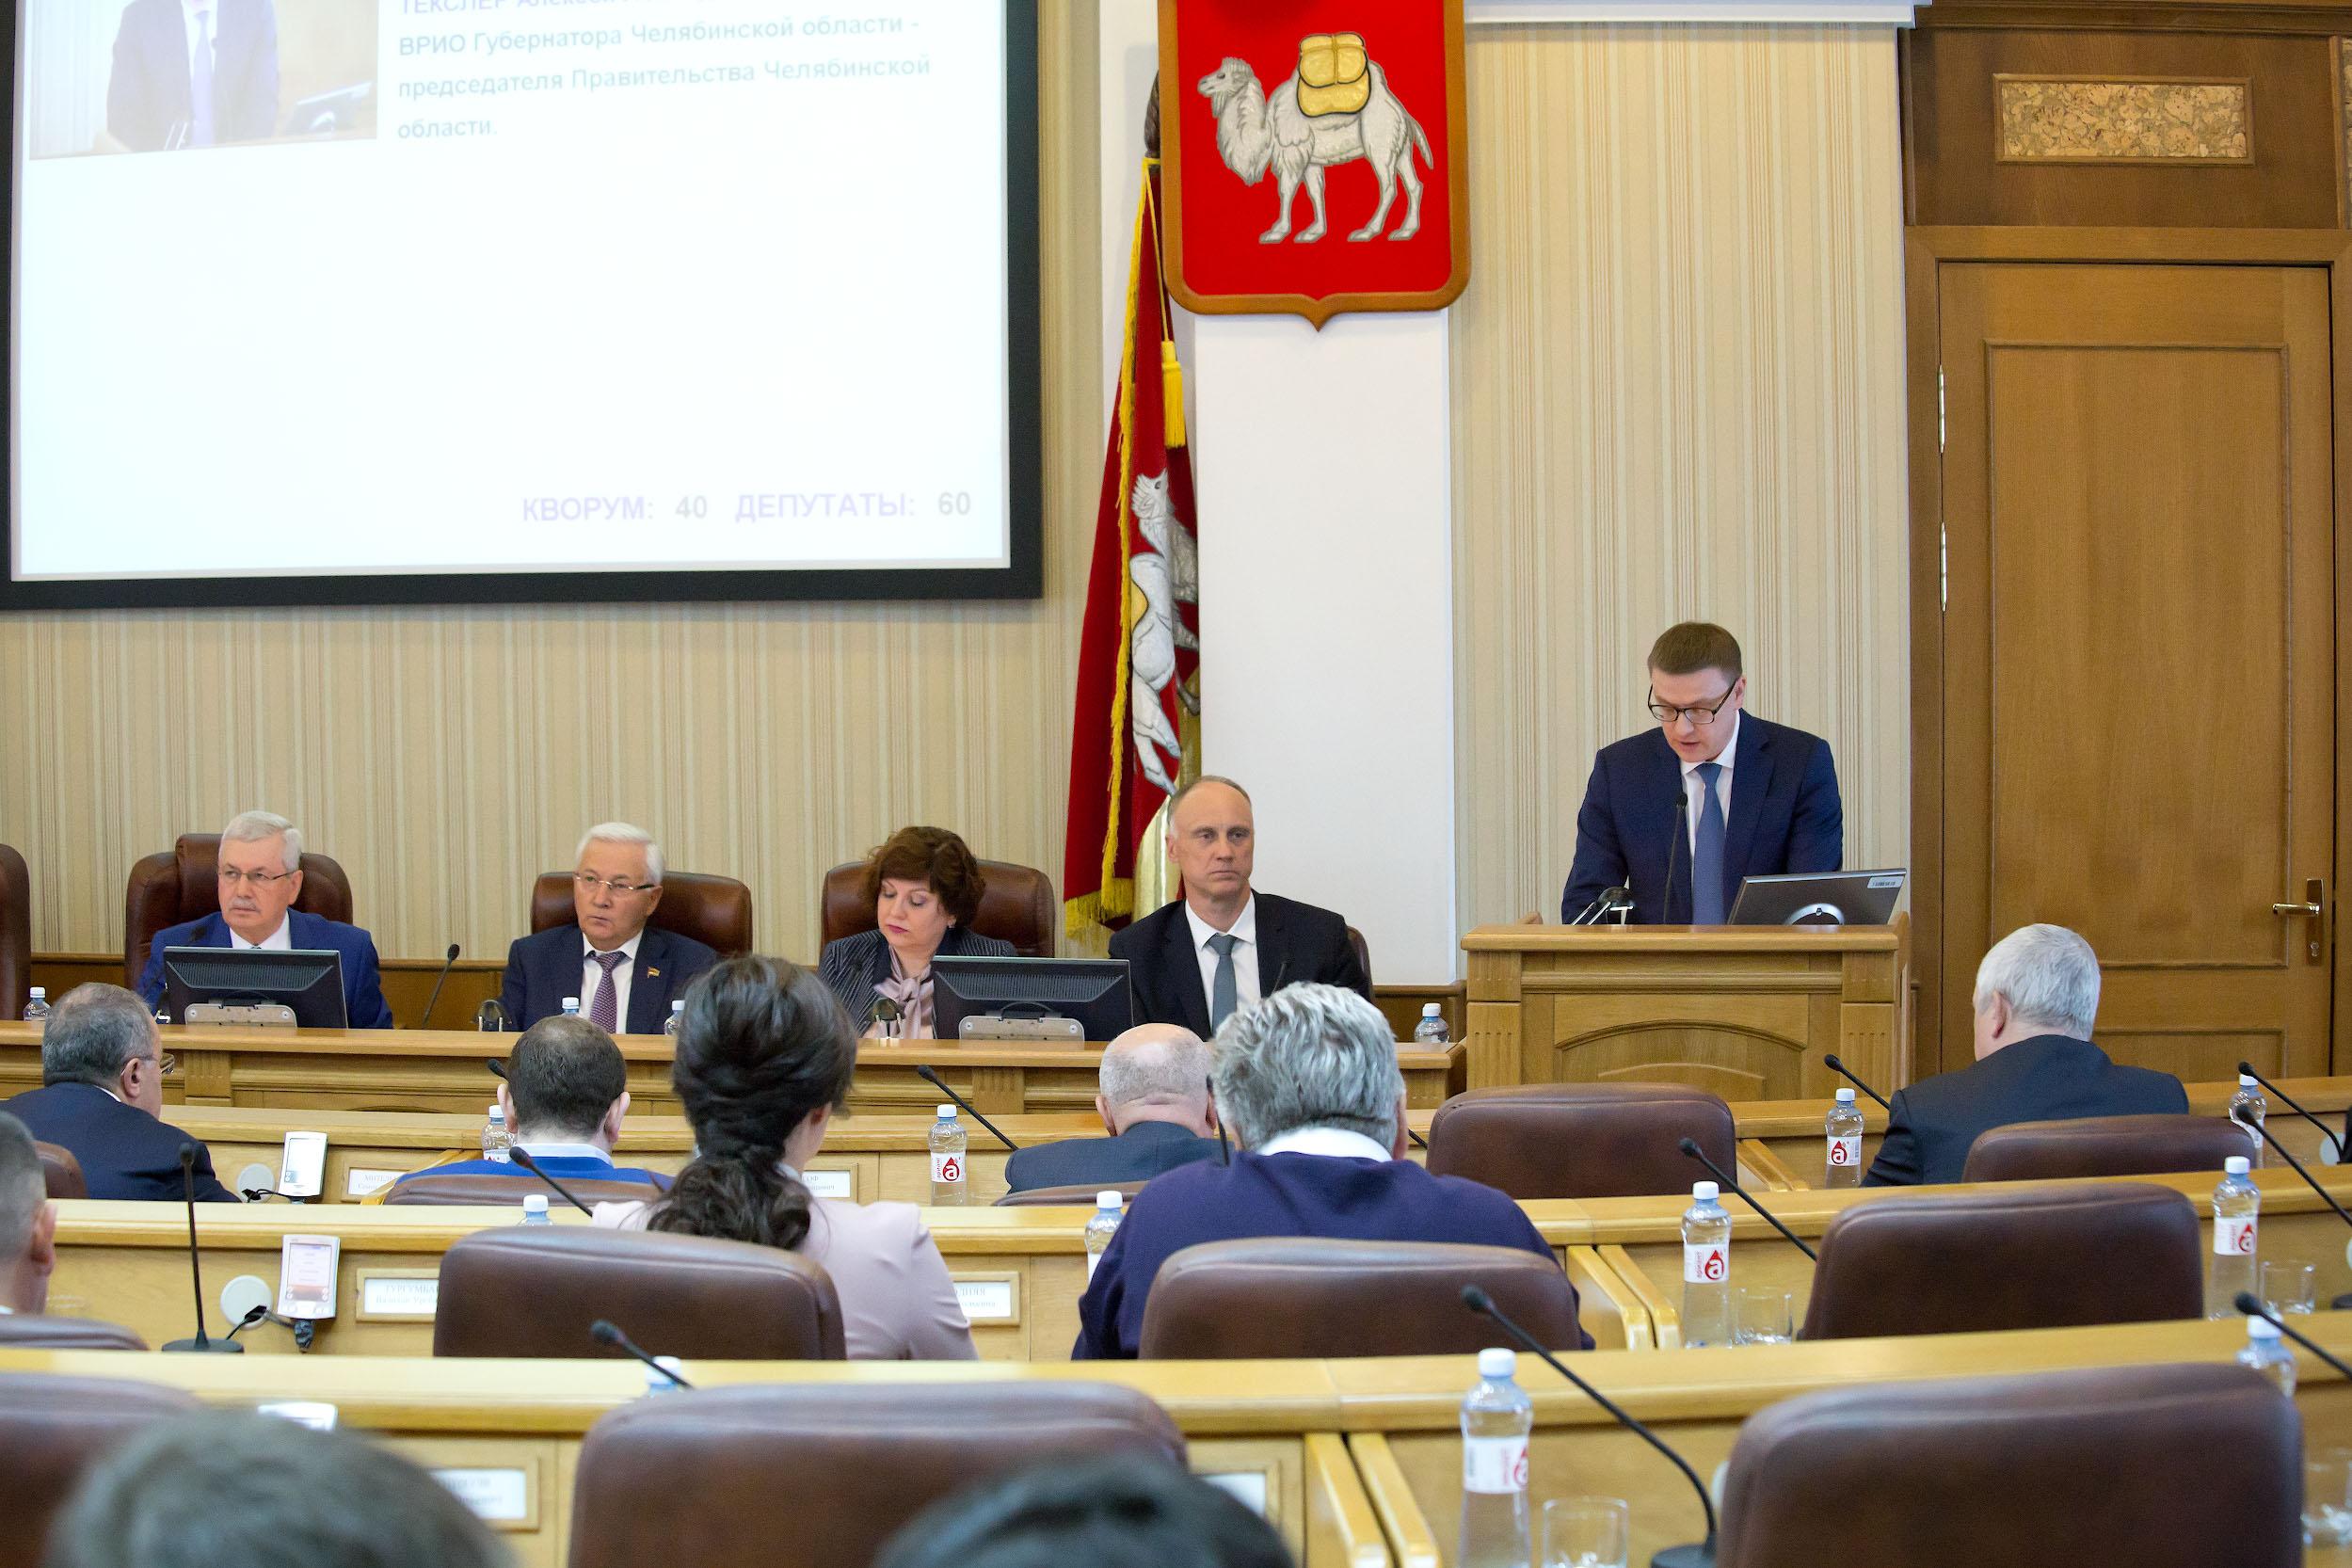 Врио губернатора Челябинской области Алексей Текслер встретился с депутатами Законодательного Соб